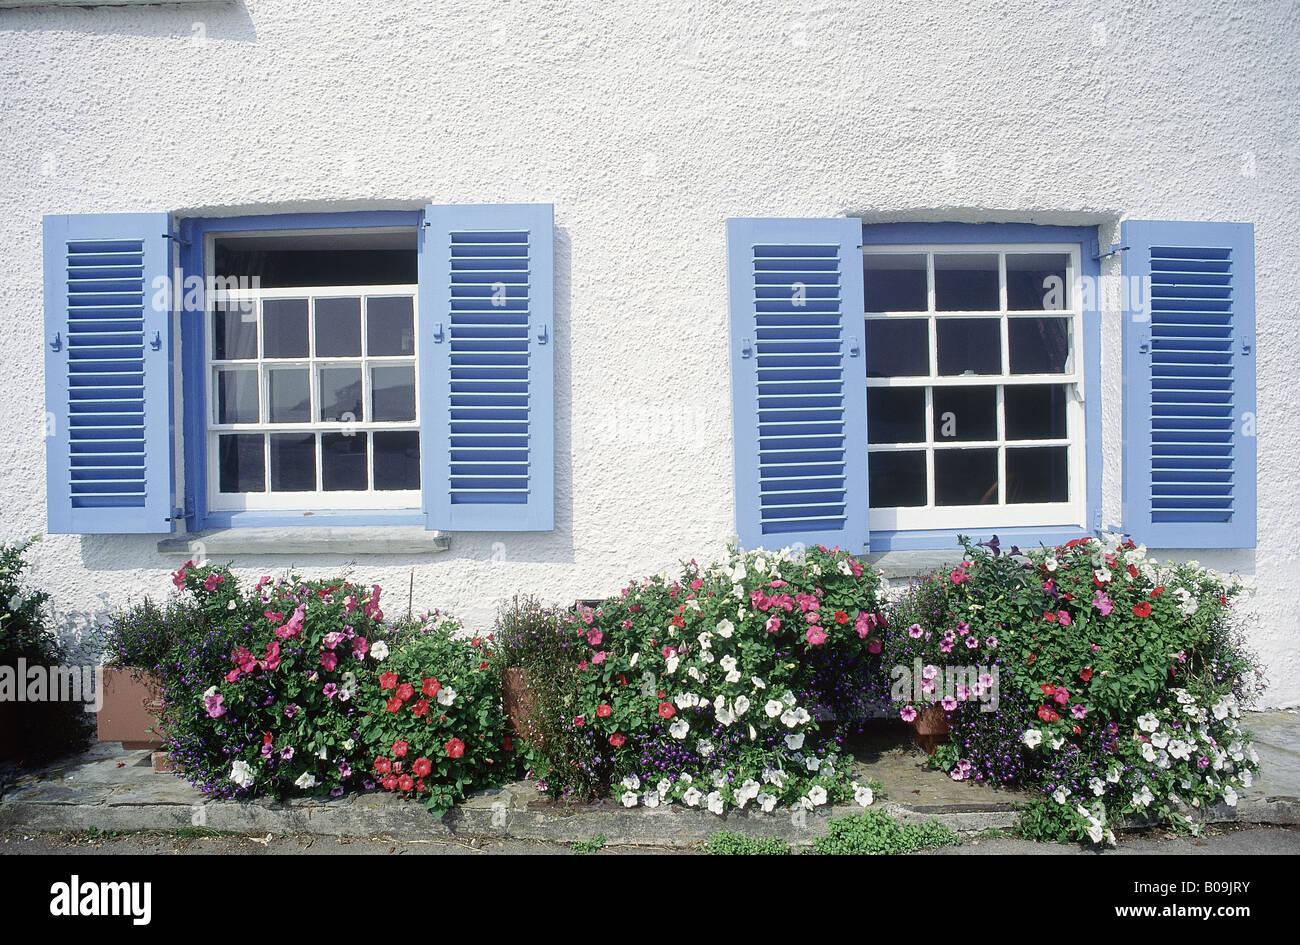 wei es haus mit blauen fensterl den pflanzen wachsen in den wannen und boxen st mawes cornwall. Black Bedroom Furniture Sets. Home Design Ideas